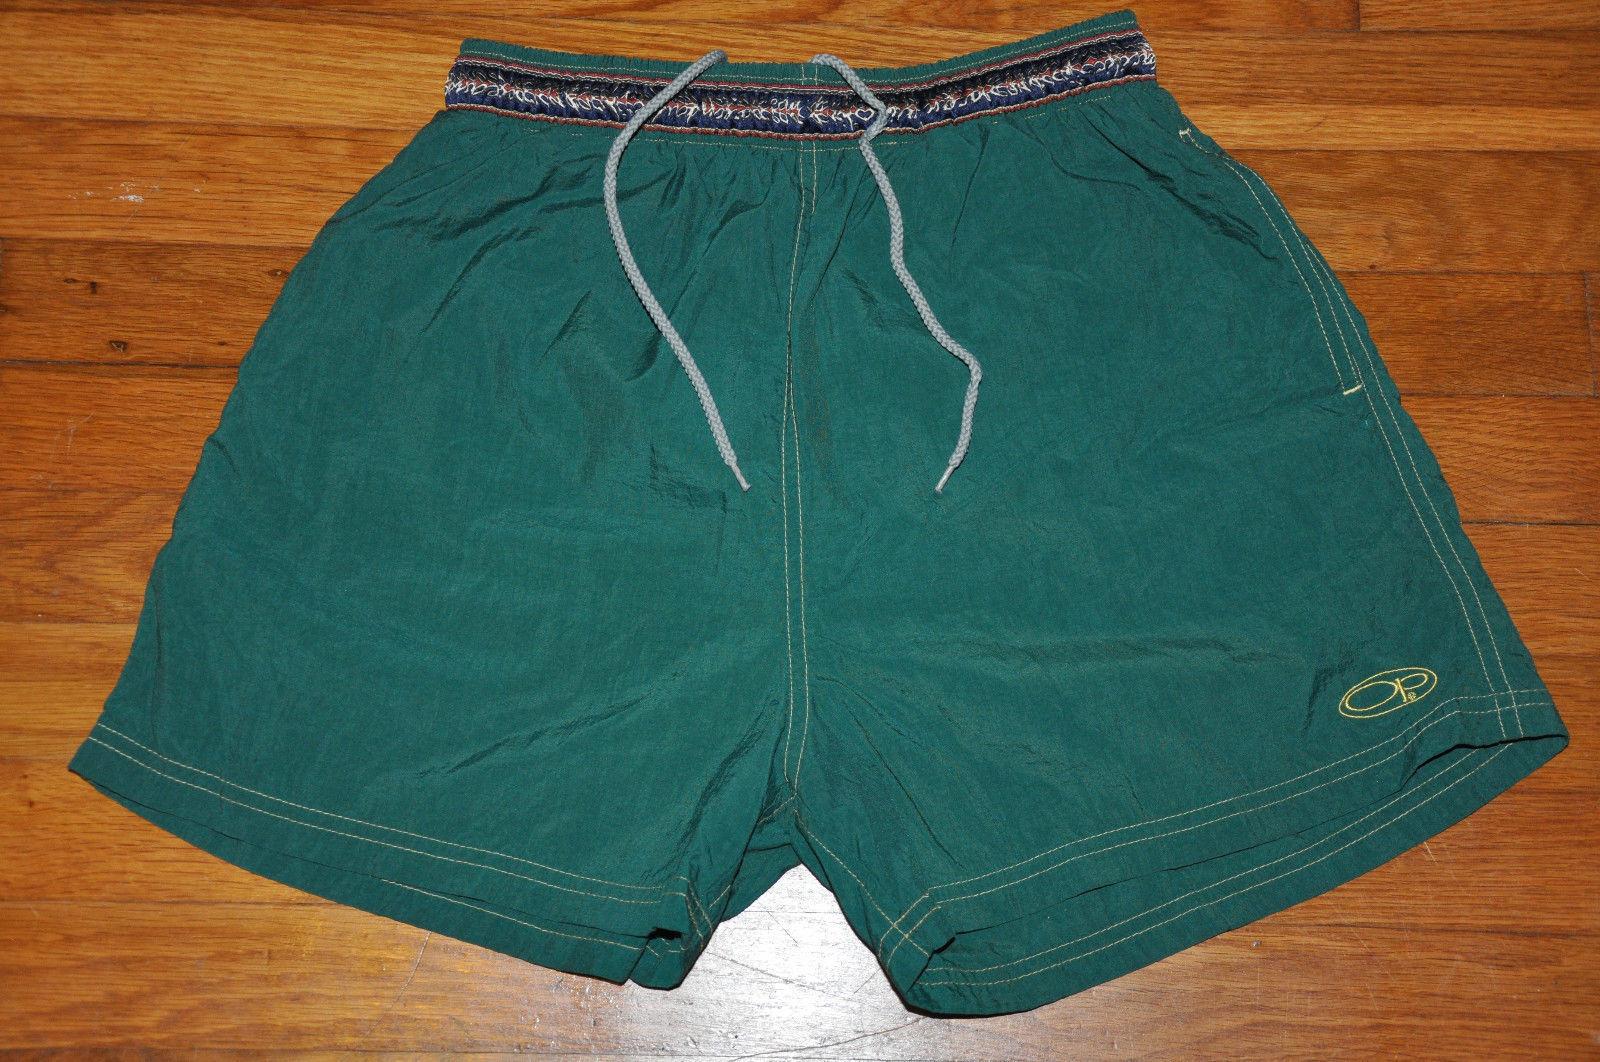 24e880b71c VTG Men's OP Ocean Pacific Swim suit shorts and 39 similar items. S l1600